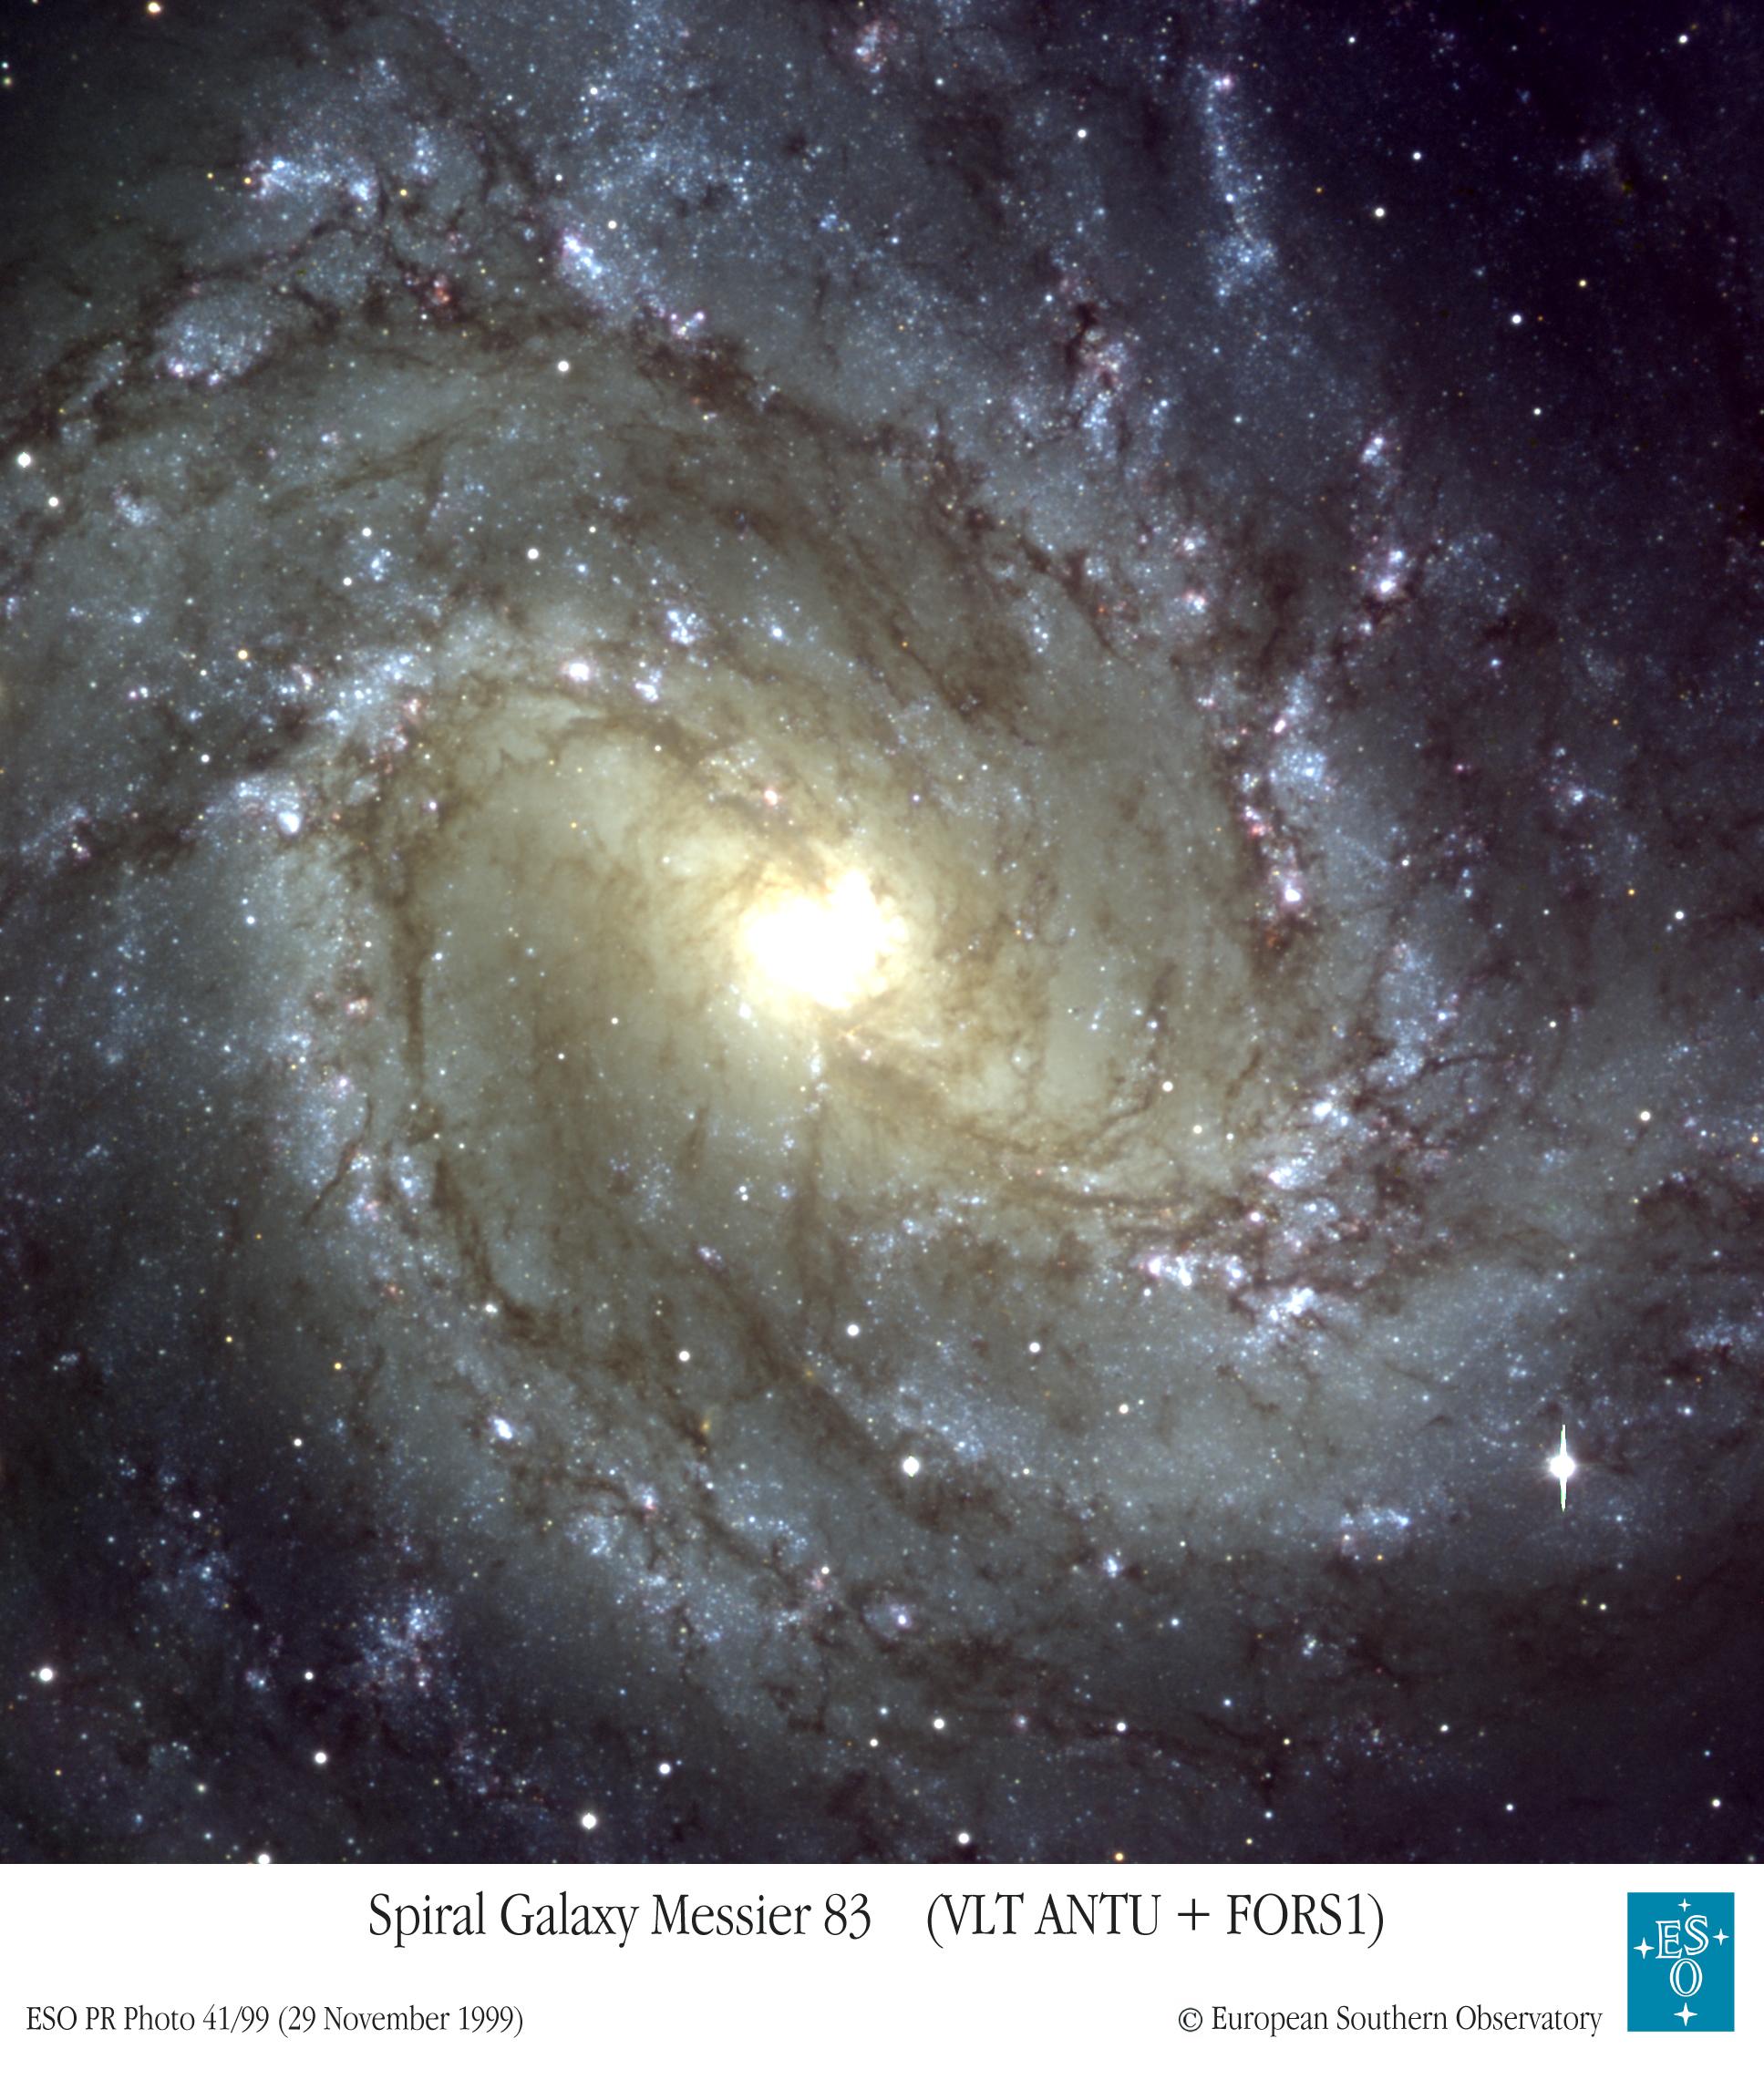 M83 vue par le VLT